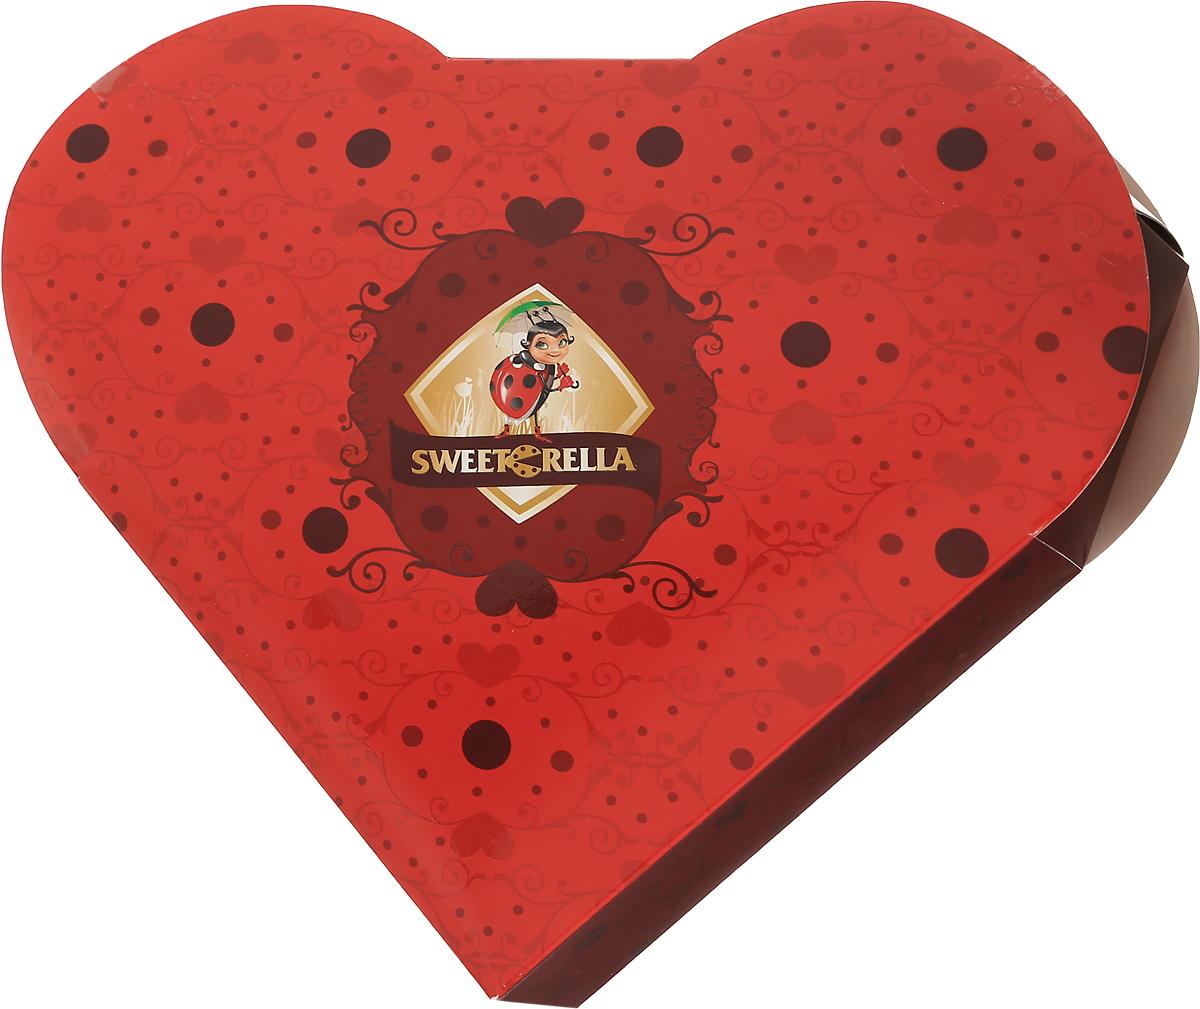 Sweeterella набор шоколадных конфет пламенное сердце, 170 г шоколадные годы конфеты ассорти 190 г